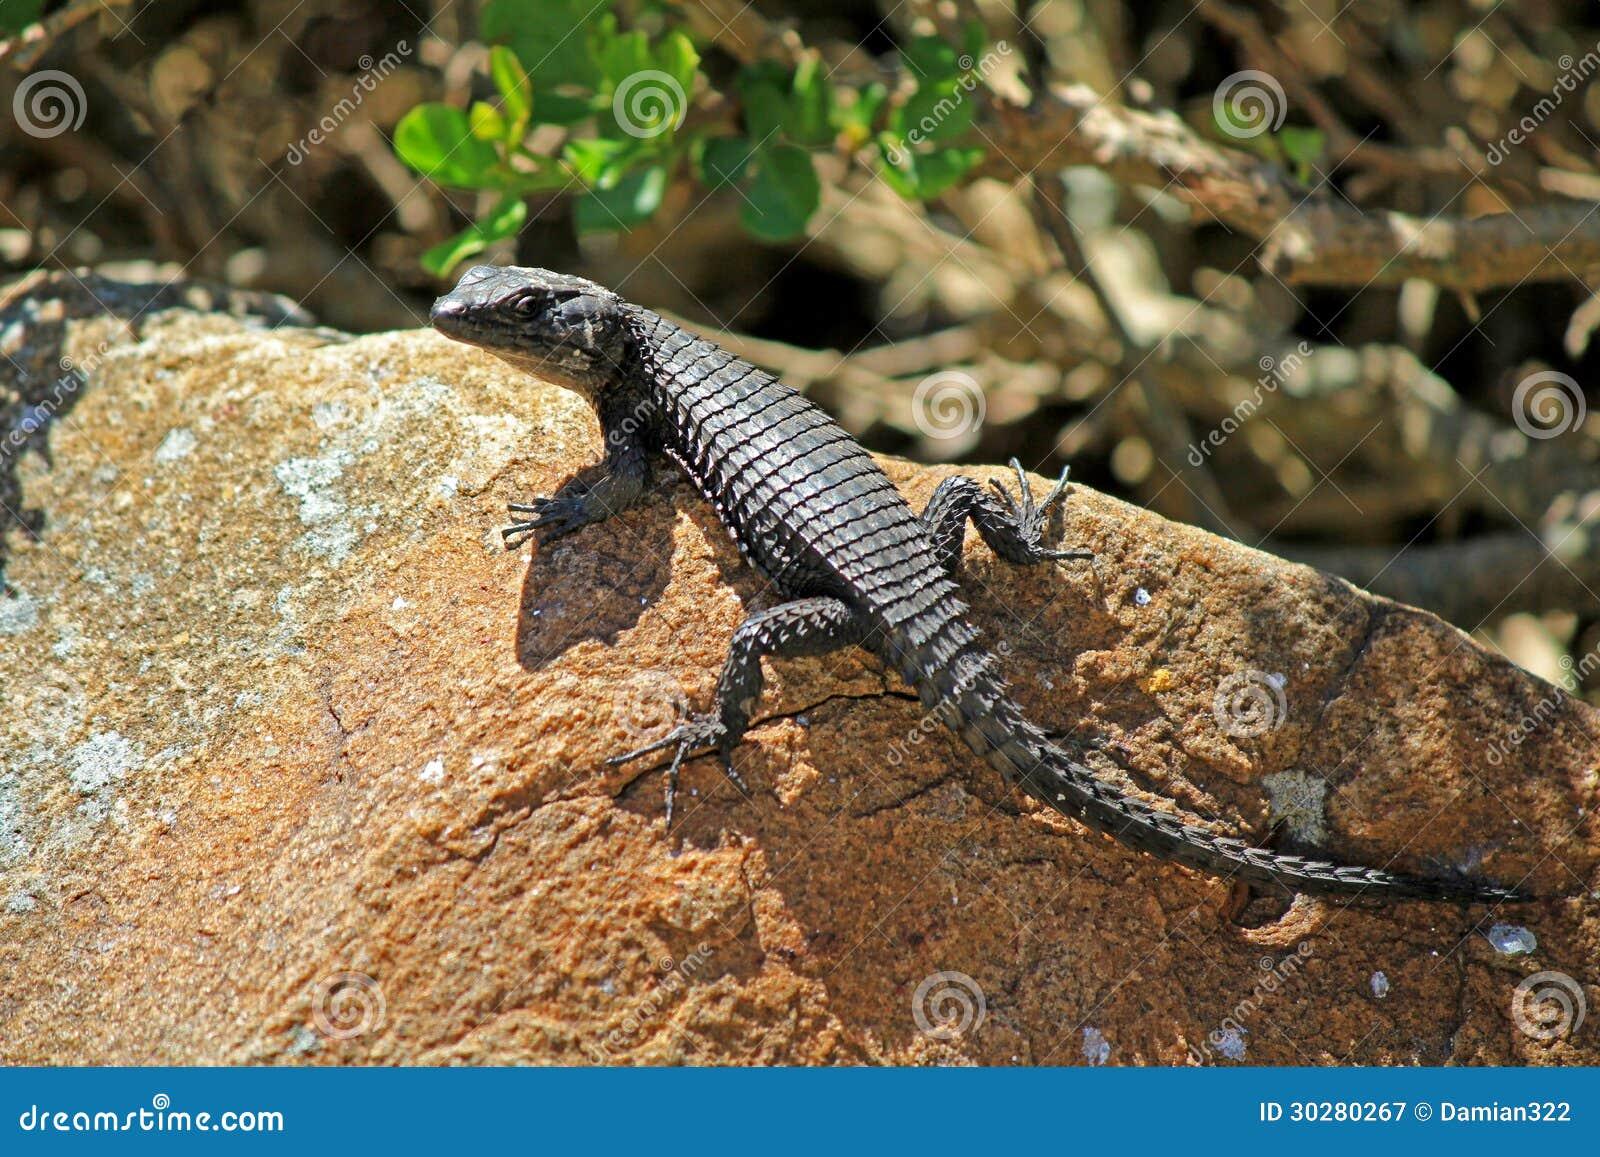 黑色带被盯梢的蜥蜴